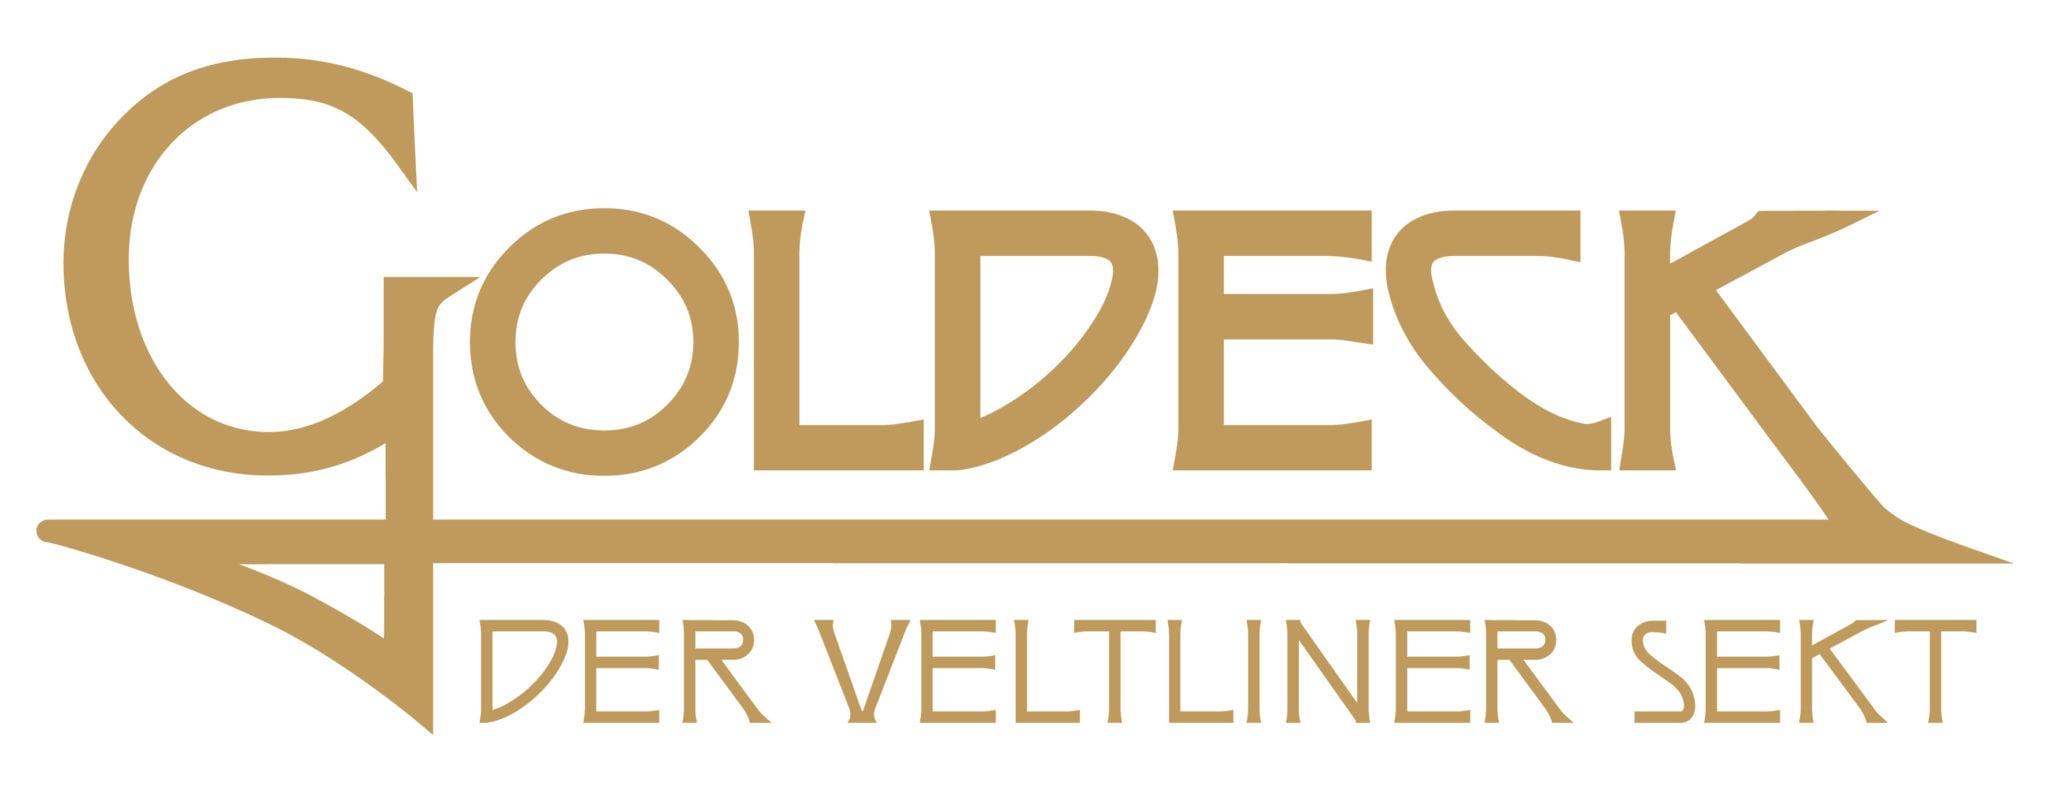 Als Österreichs älteste eingetragene Weinmarke seit 1859 steht Goldeck für reinsortige Sektqualität aus Österreich.